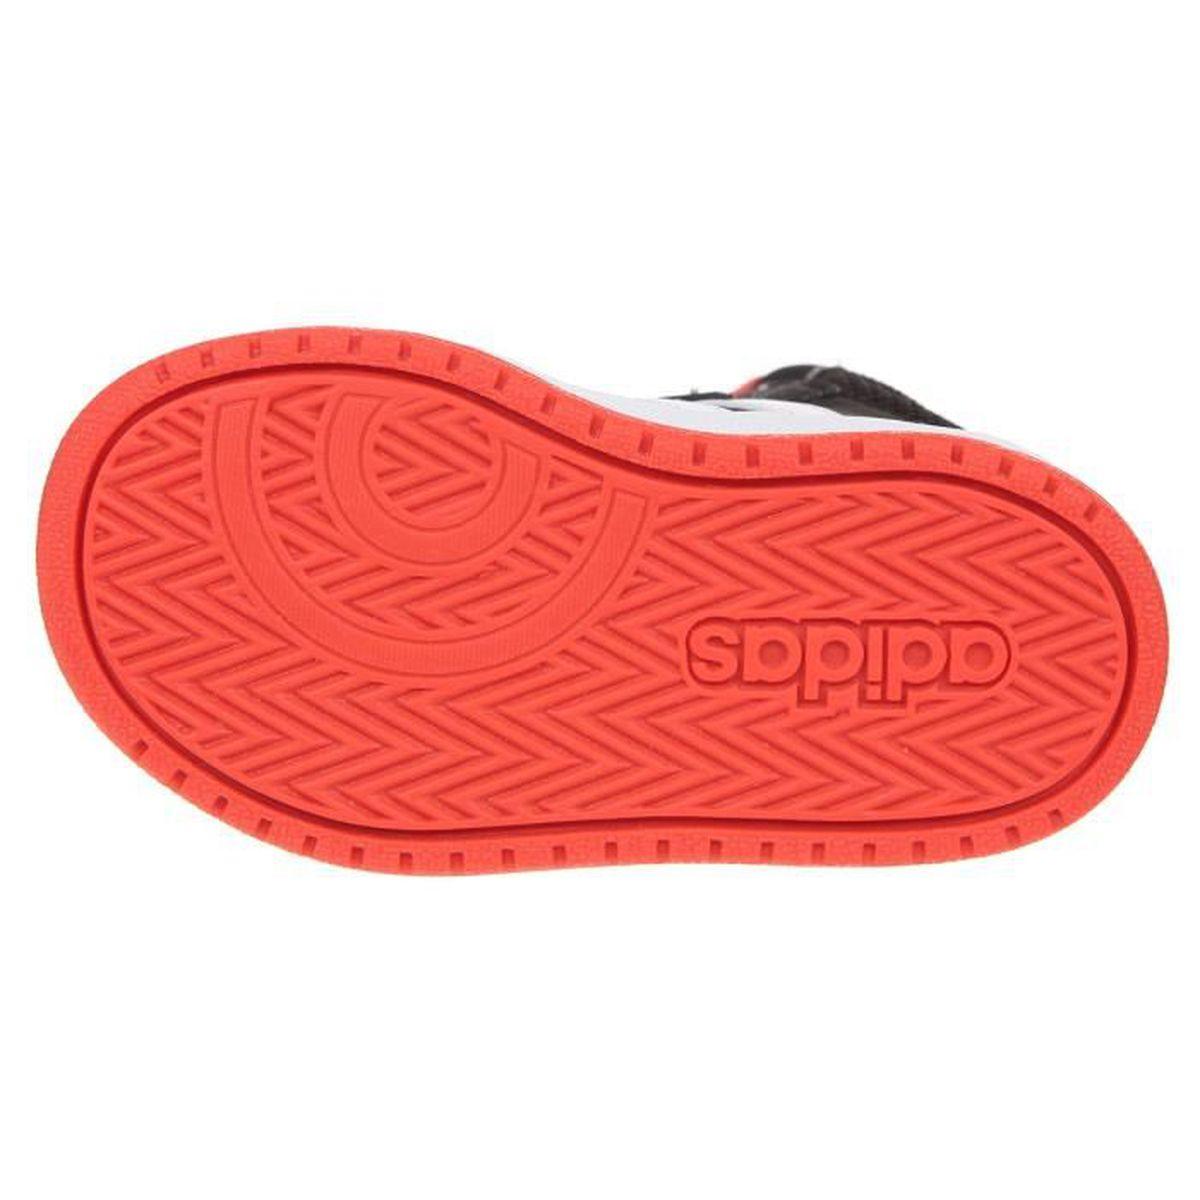 2f77109464ba1 ADIDAS Baskets Hoops Mid 2.0 I - Bébé garçon - Noir et rouge Noir et rouge  - Achat / Vente basket - Soldes d'été Cdiscount